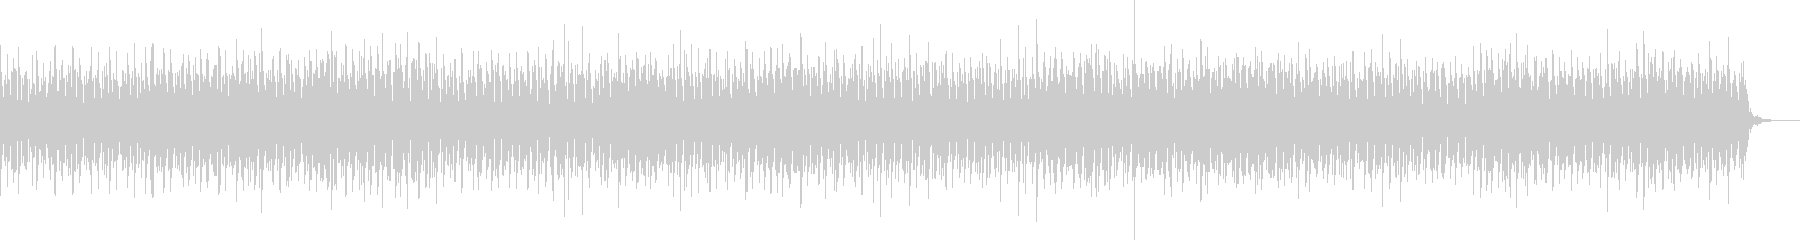 ヘッドラインニュースBGM/シンセ系音色の未再生の波形